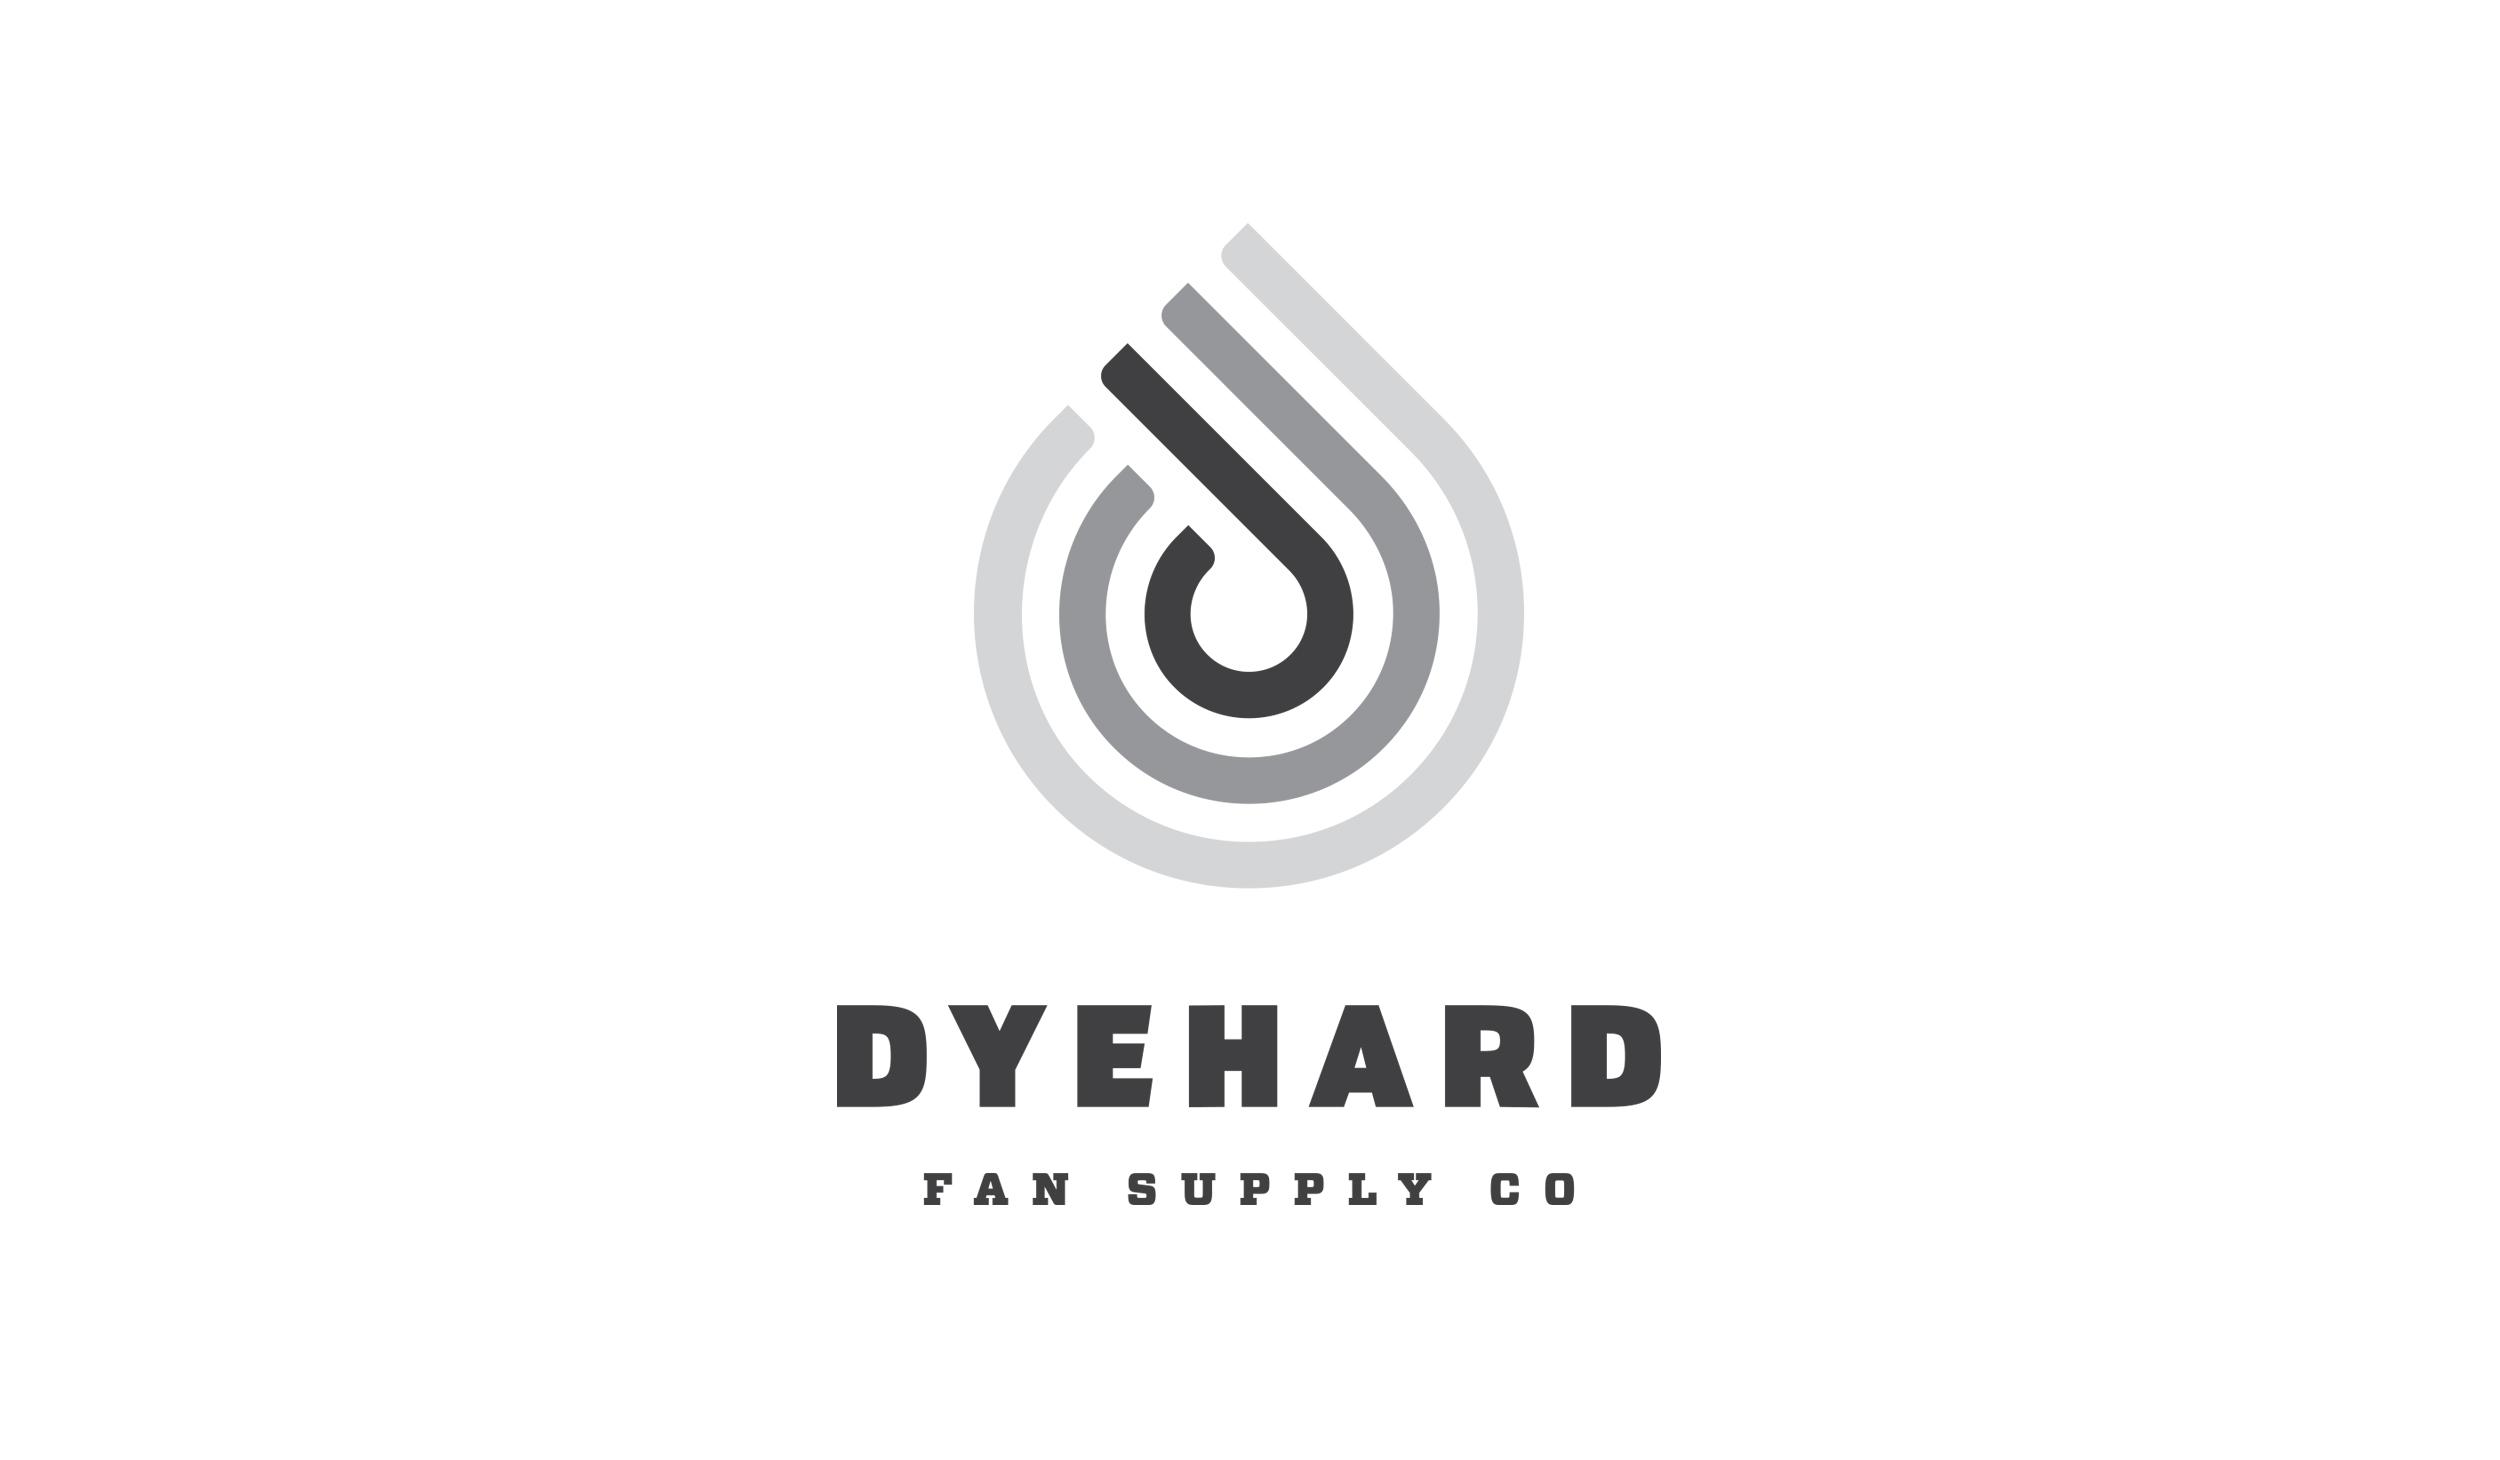 DyeHard.jpg